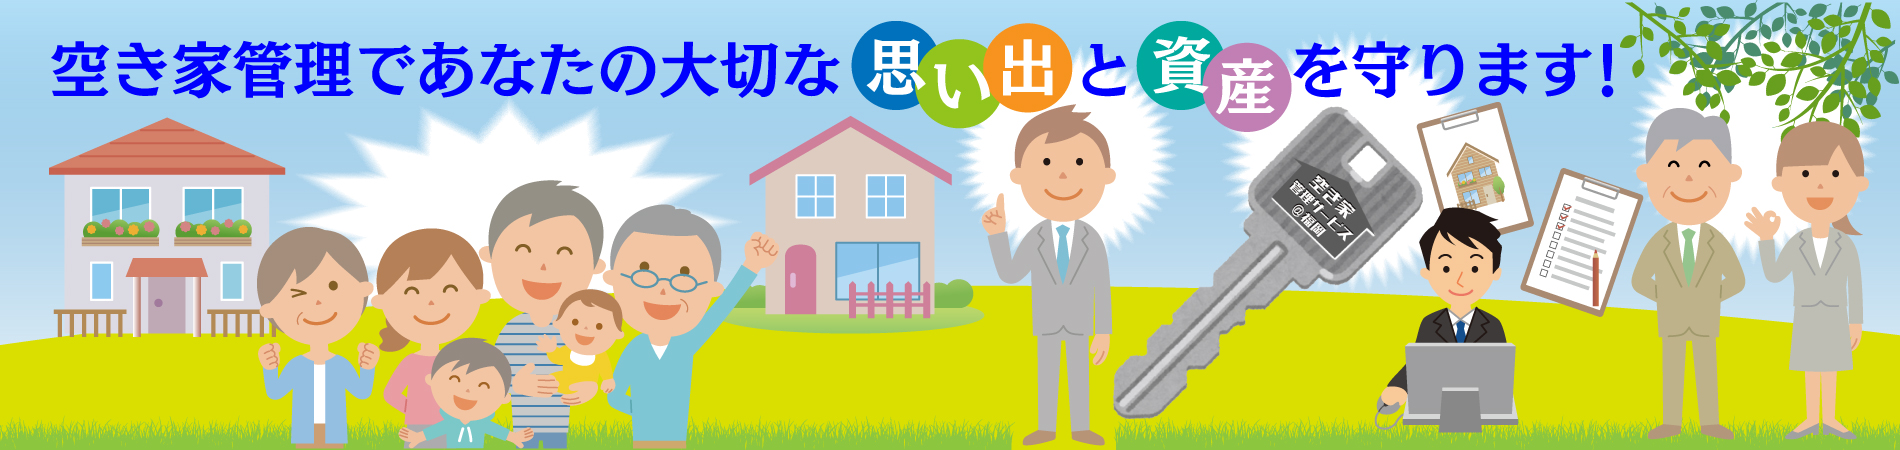 空き家管理であなたの大切な思い出と資産を守ります